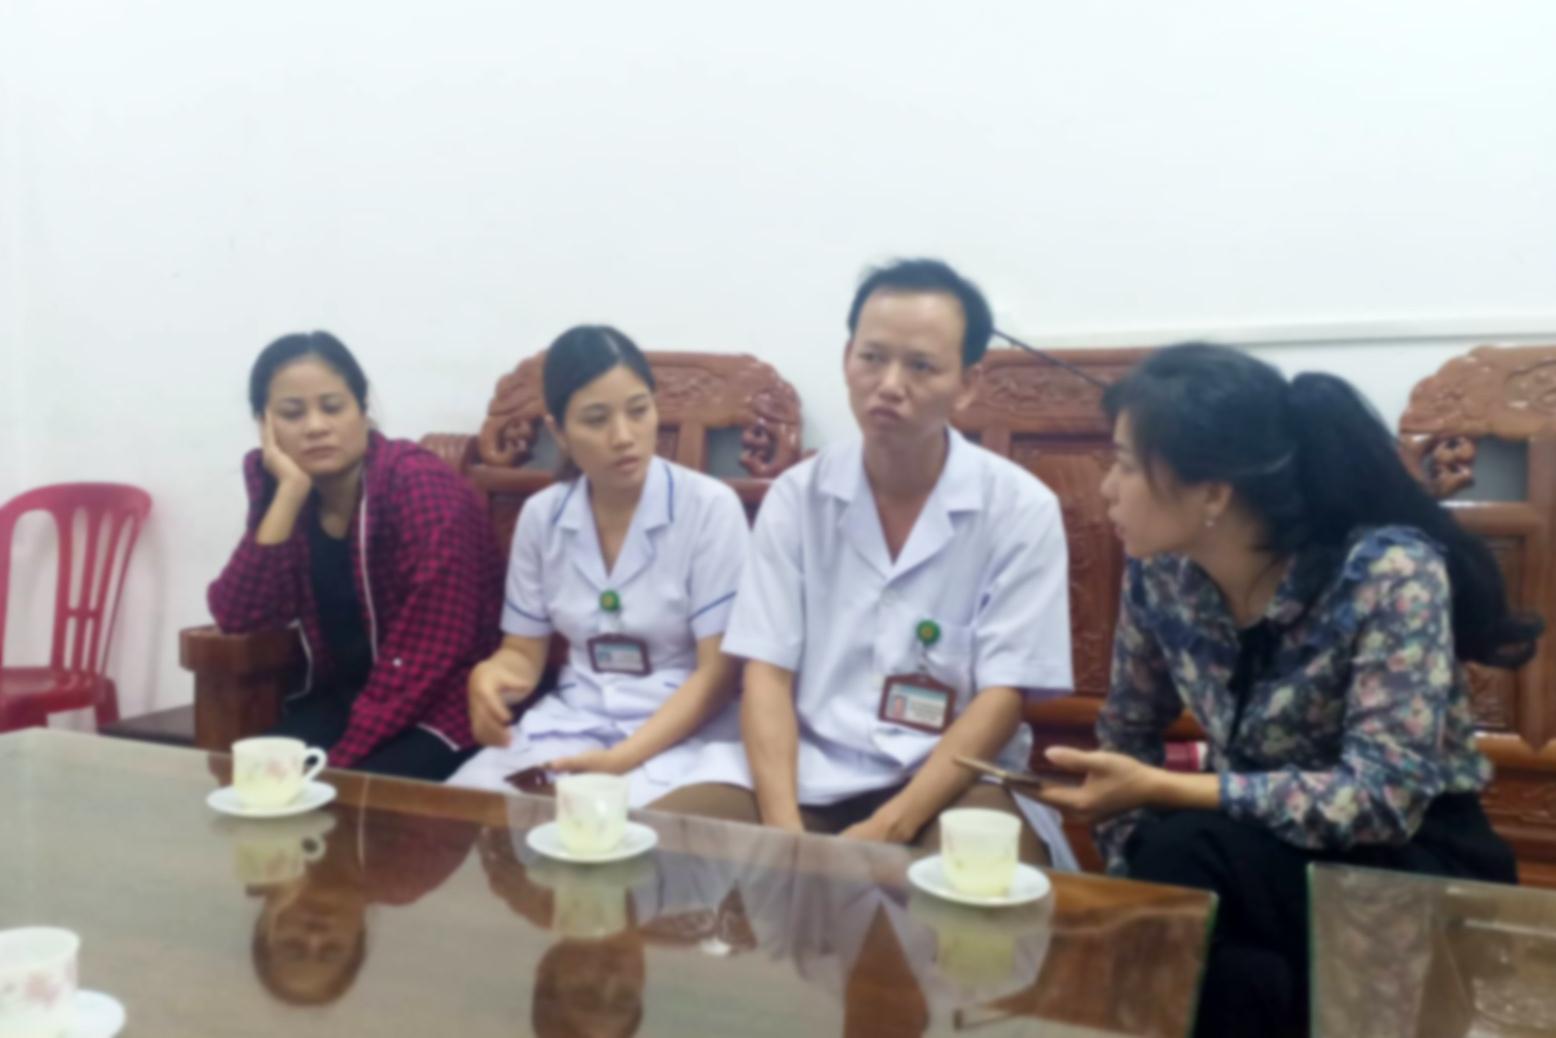 Trẻ sơ sinh tử vong,Trẻ sơ sinh,Bệnh viện đa khoa huyện Đức Thọ,Bệnh viện,Bác sĩ